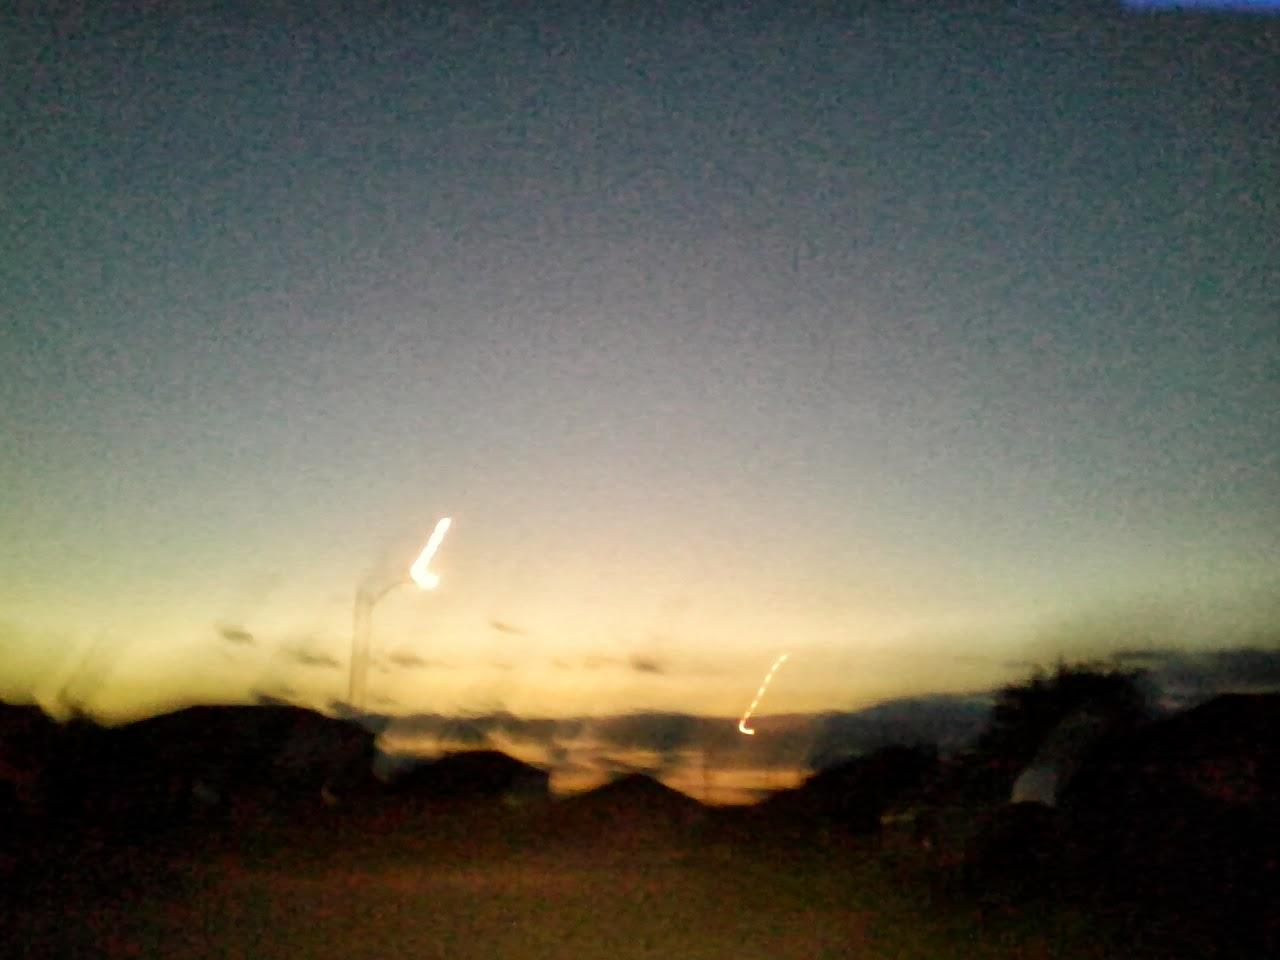 Sky - 0921194407.jpg